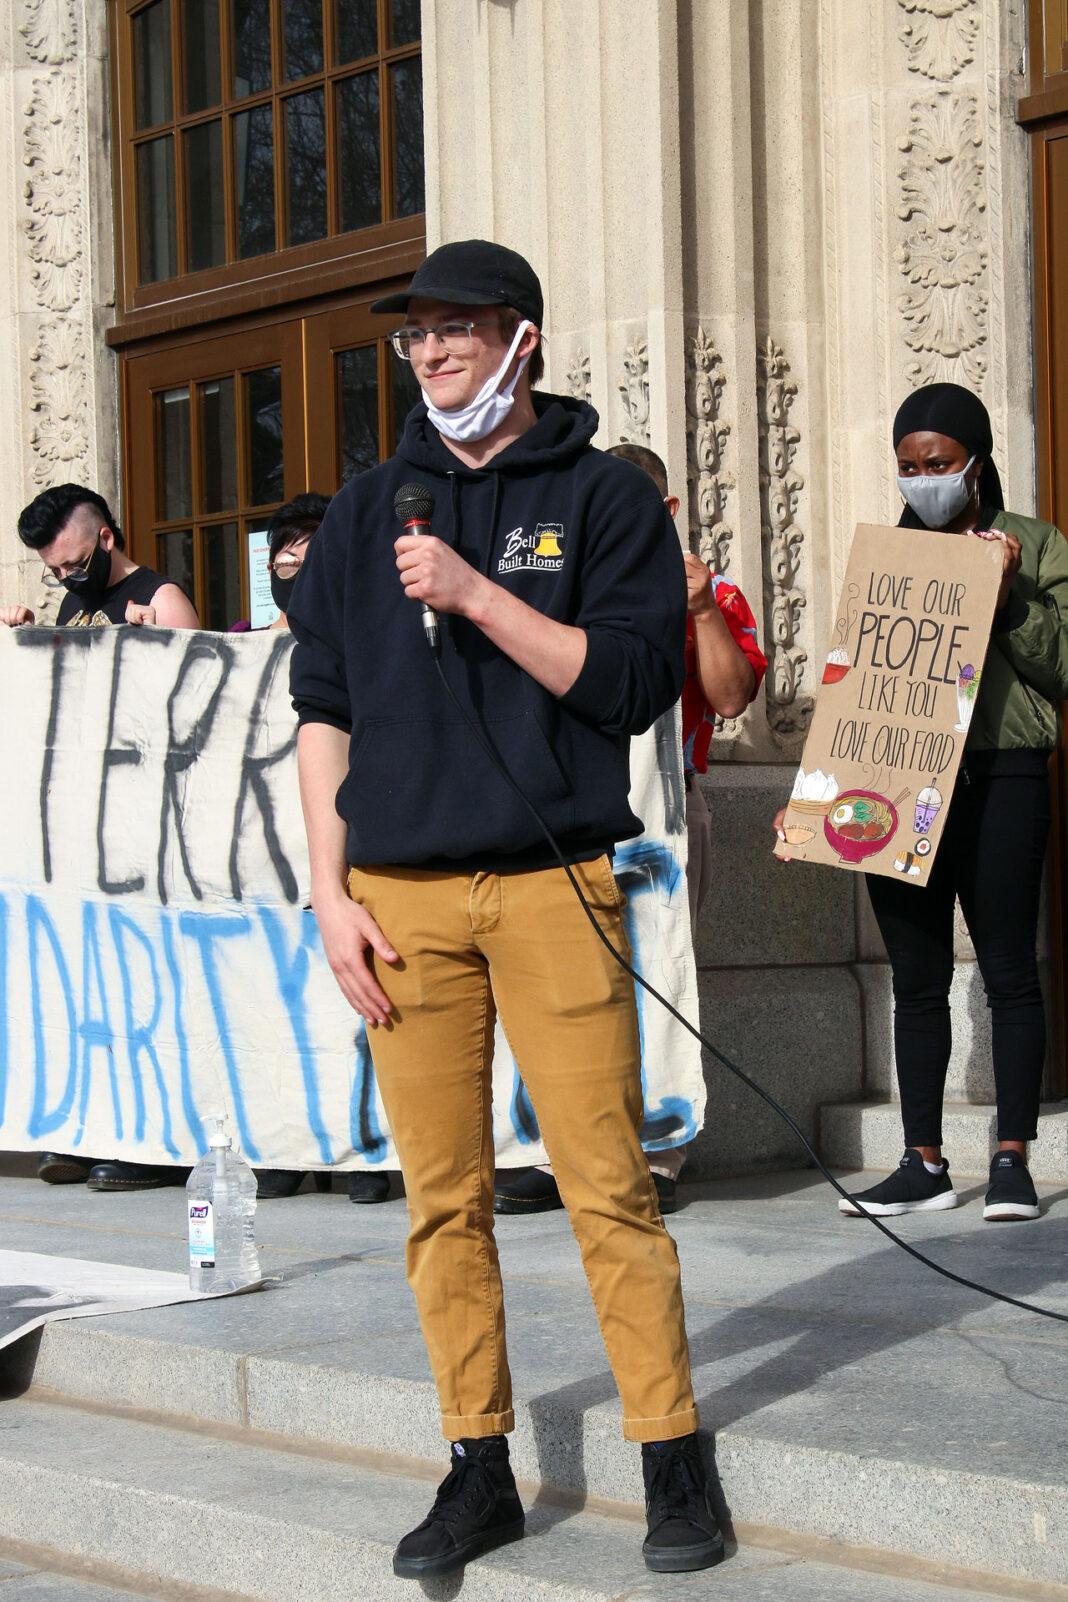 Young man speaking at vigil